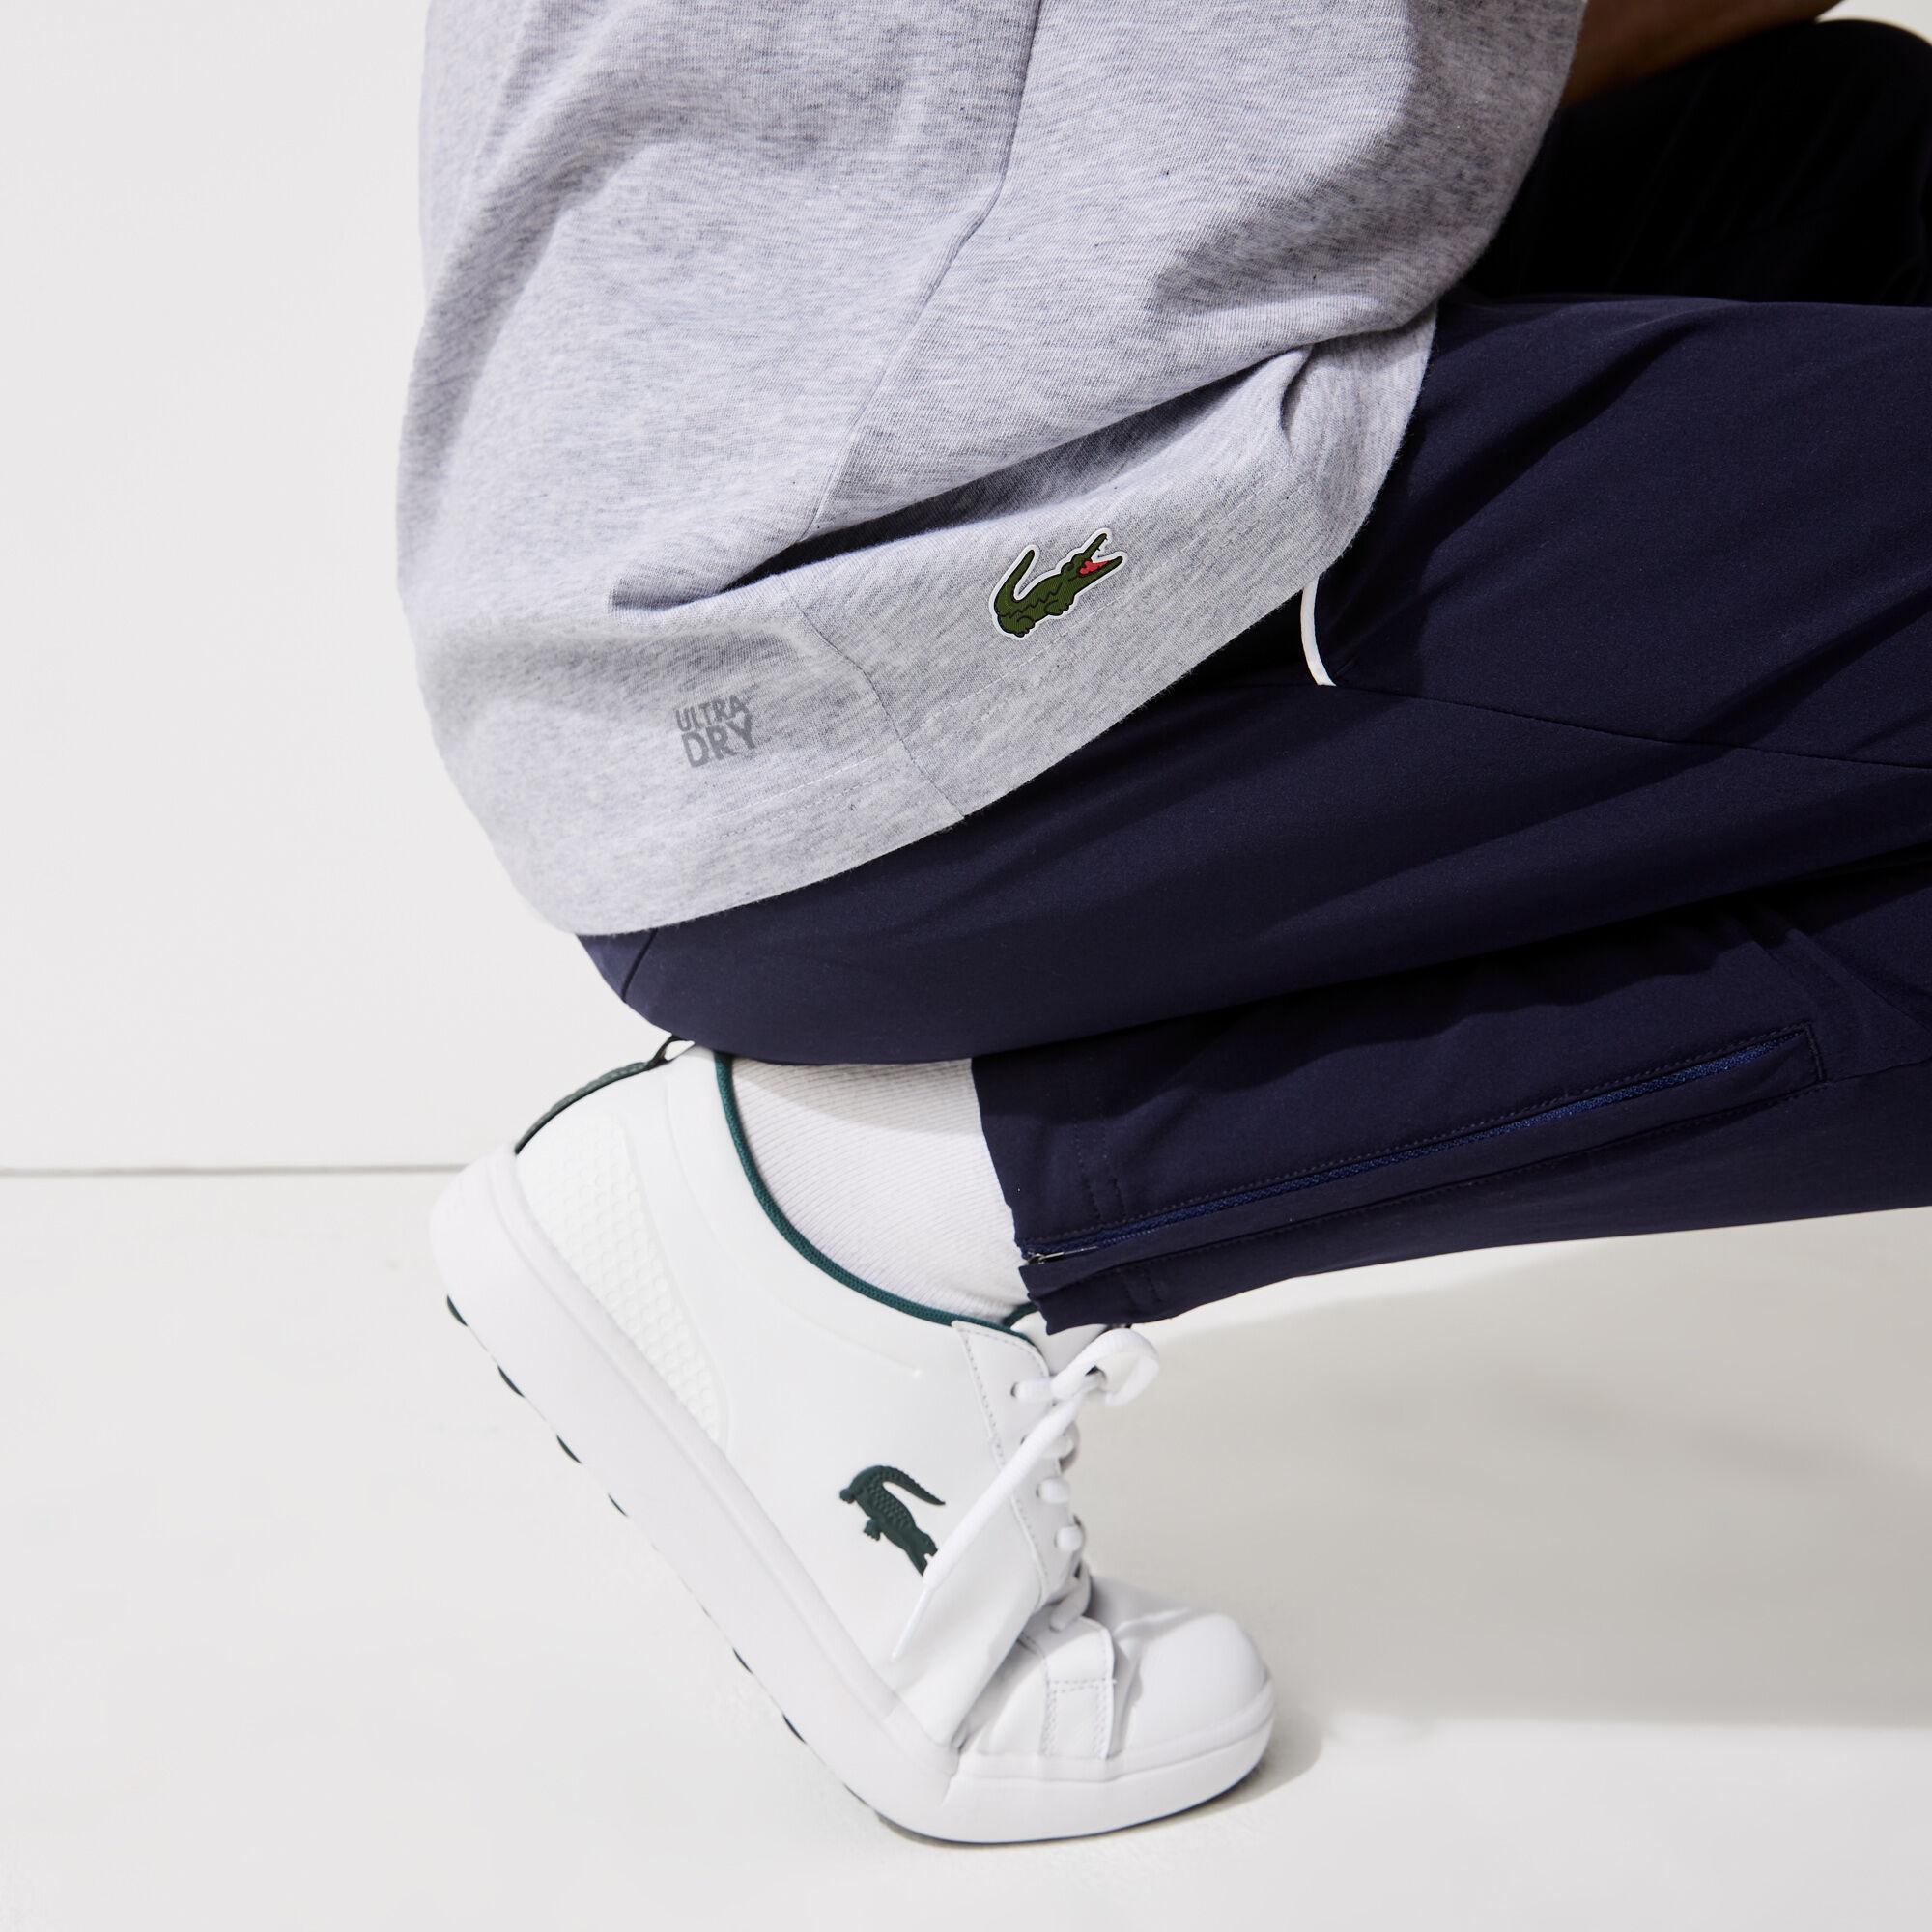 Men's Lacoste SPORT 3D Design Breathable Cotton Golf T-shirt